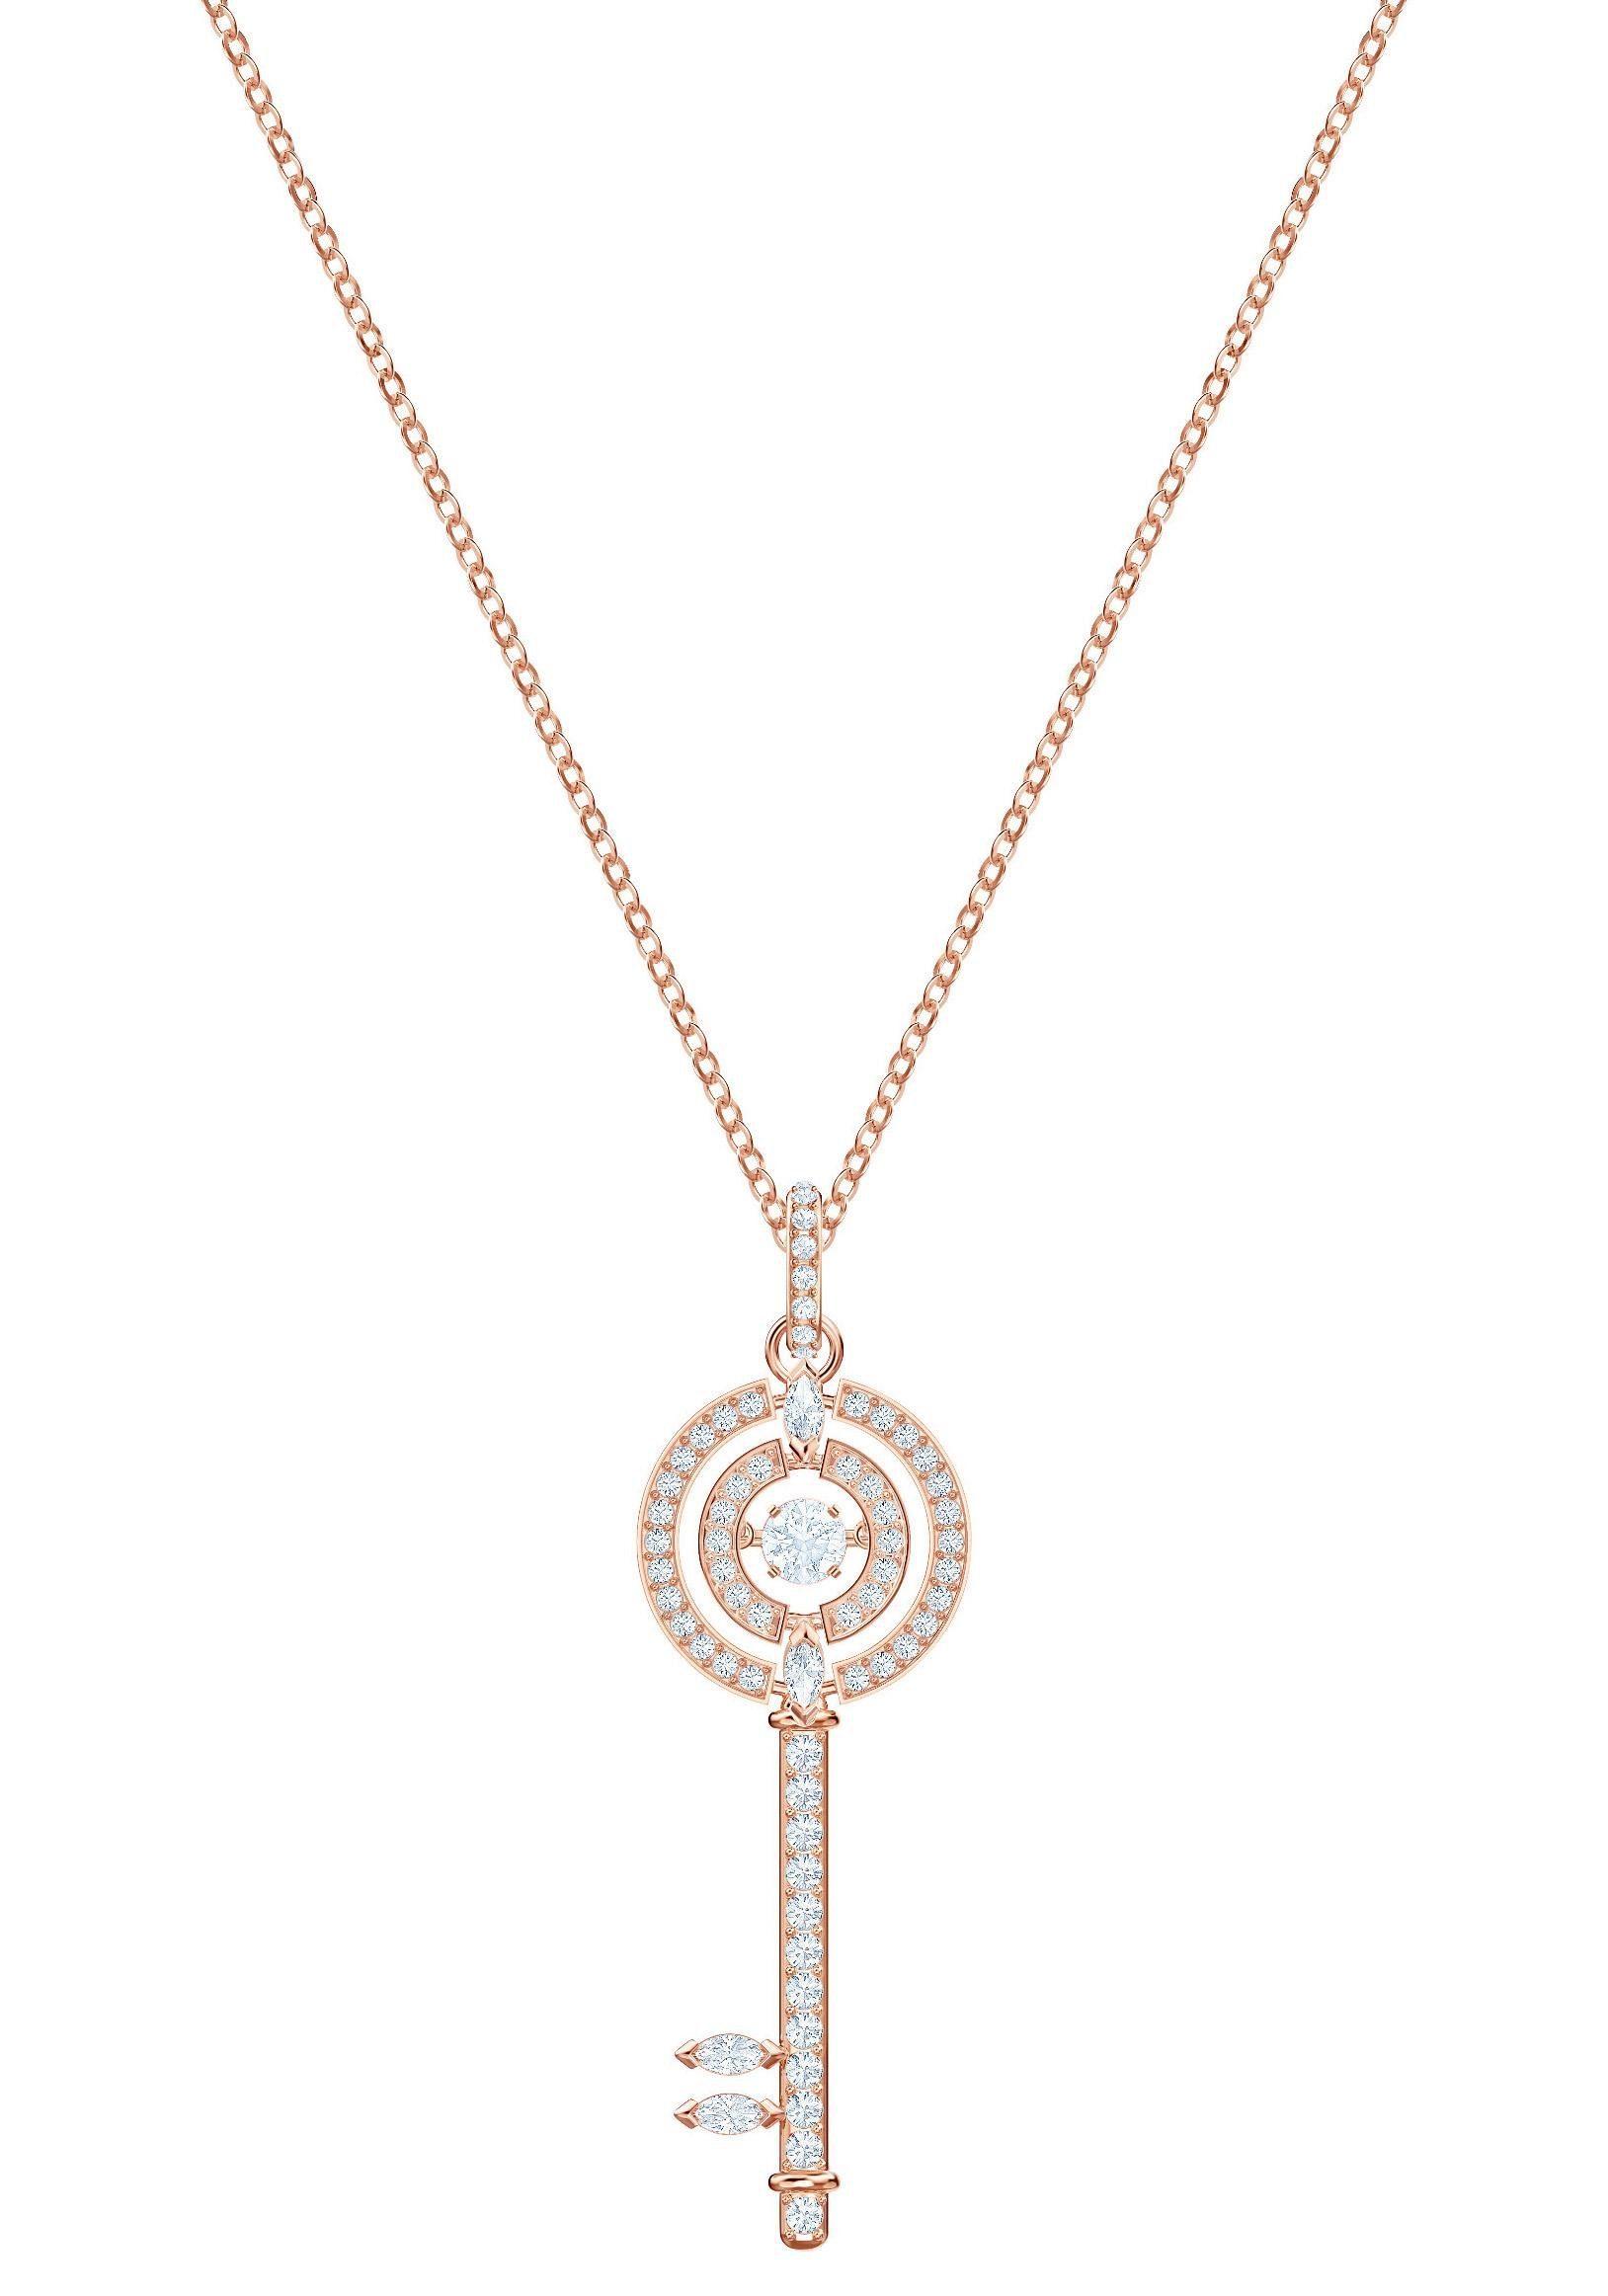 Swarovski Kette mit Anhänger »Sparkling Dance Key, weiss, rosé Vergoldung, 5469120« mit Swarovski® Kristallen